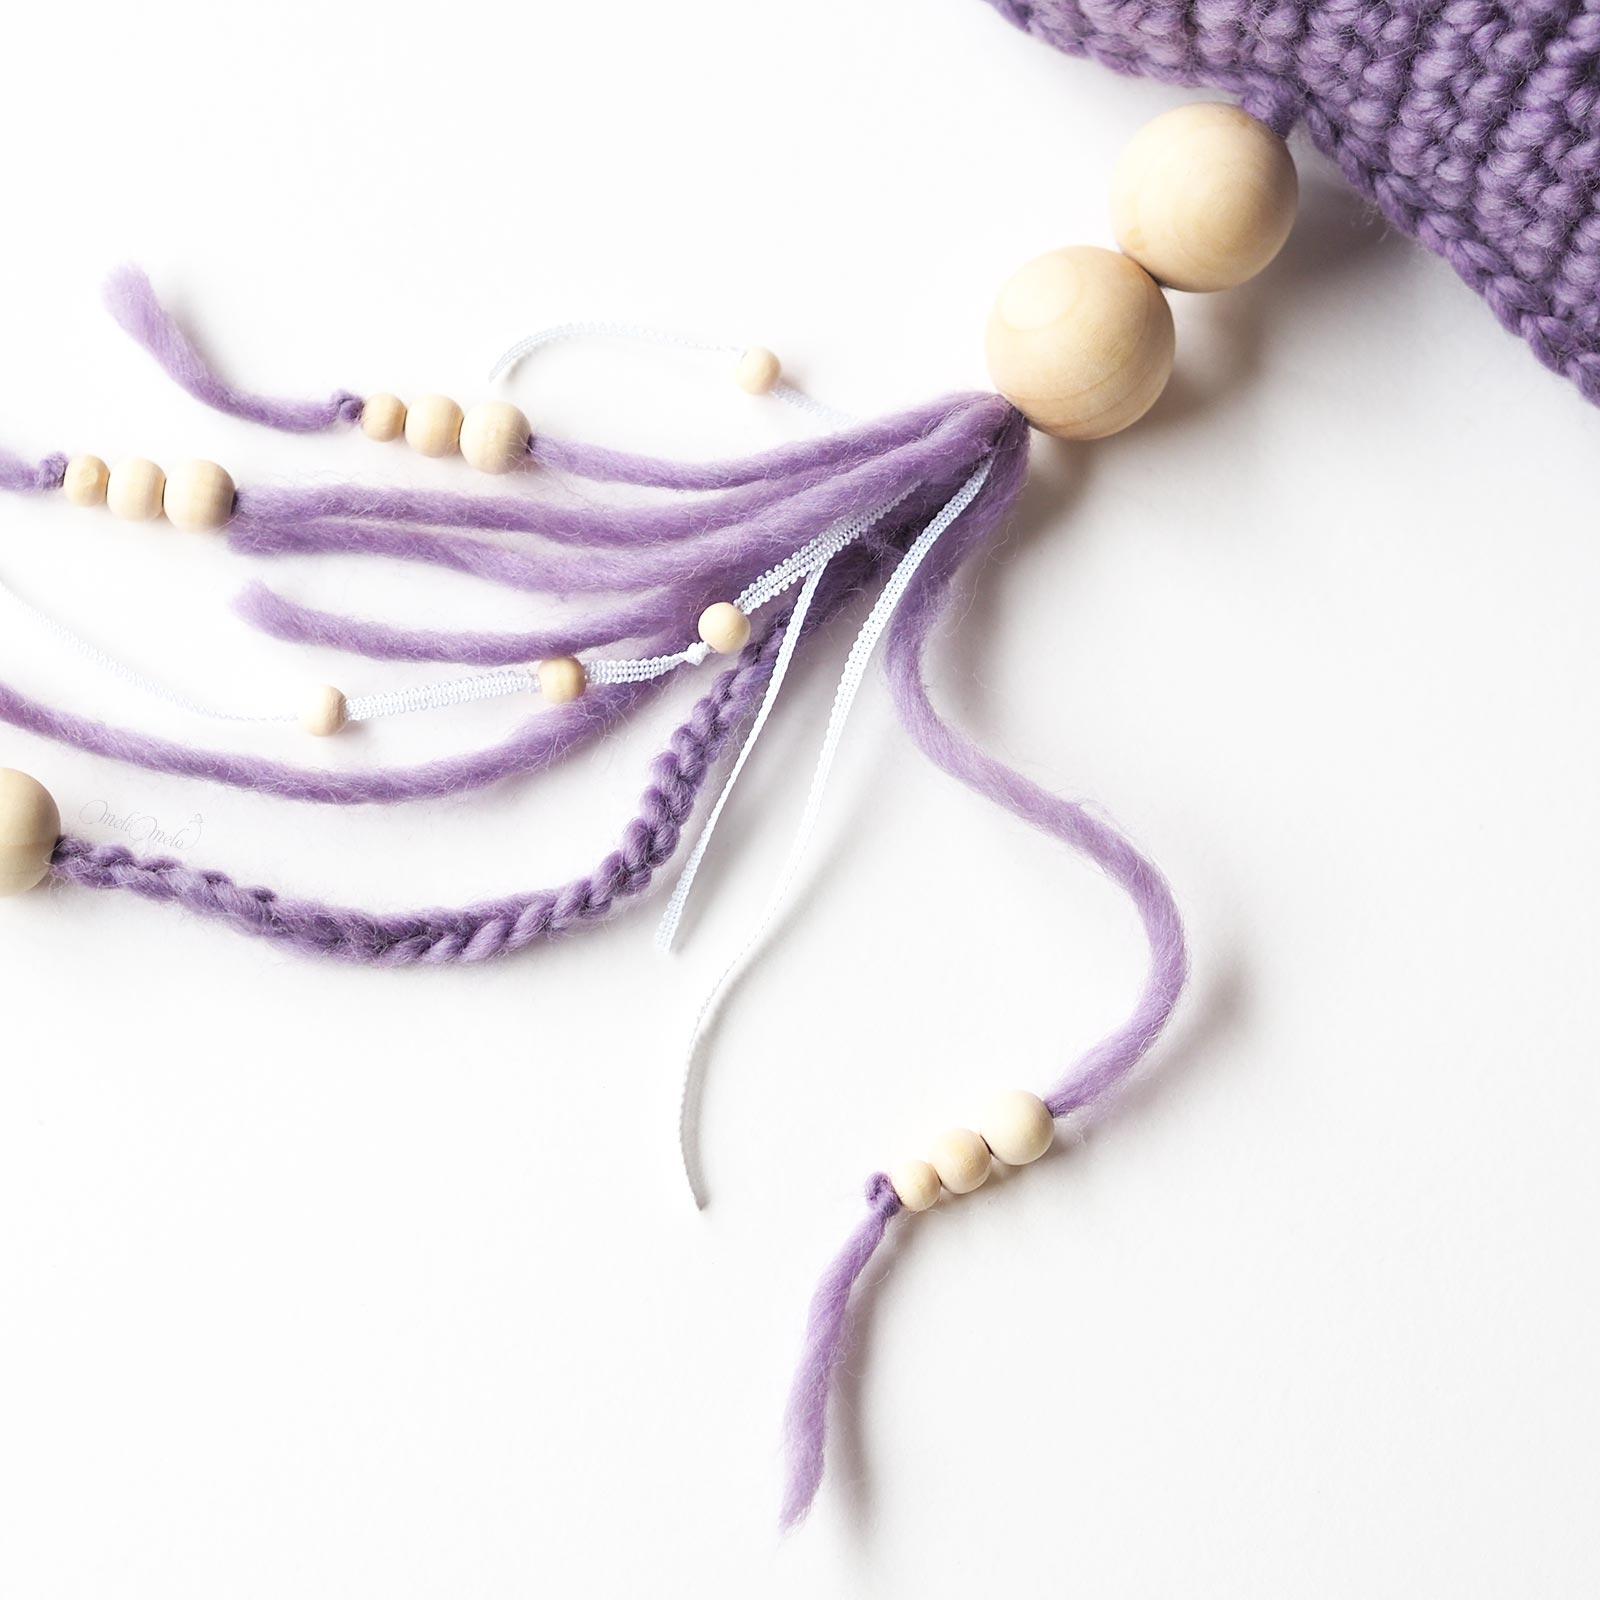 Détails perles en bois et mailles crochet nuage décoration laboutiquedemelimelo